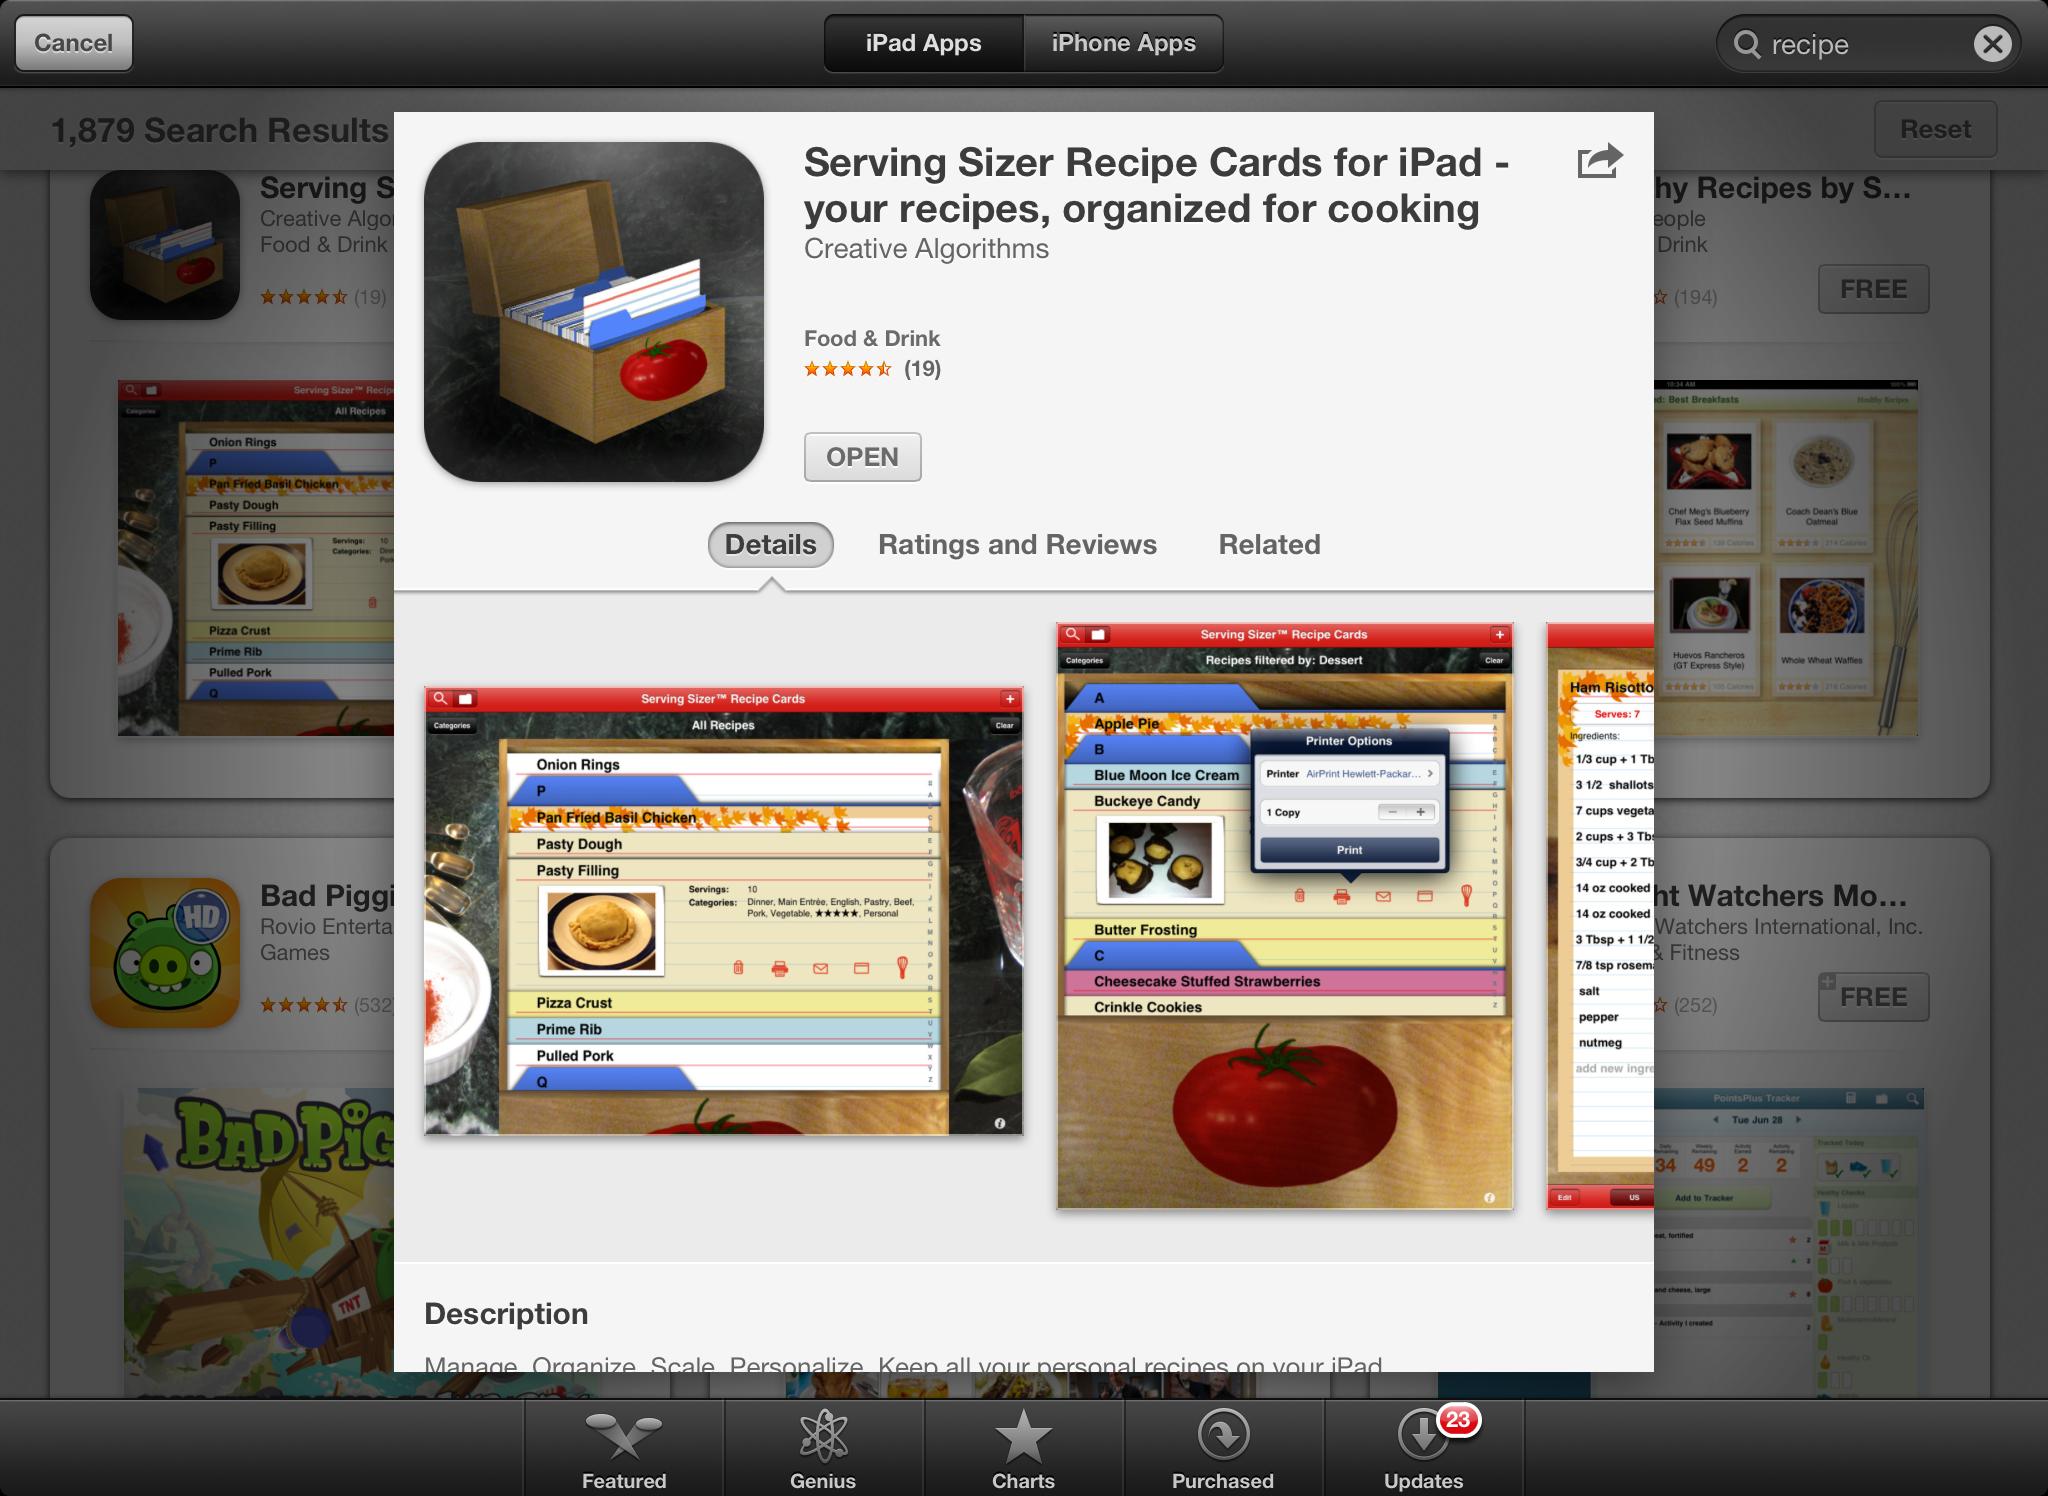 iPad Info Page